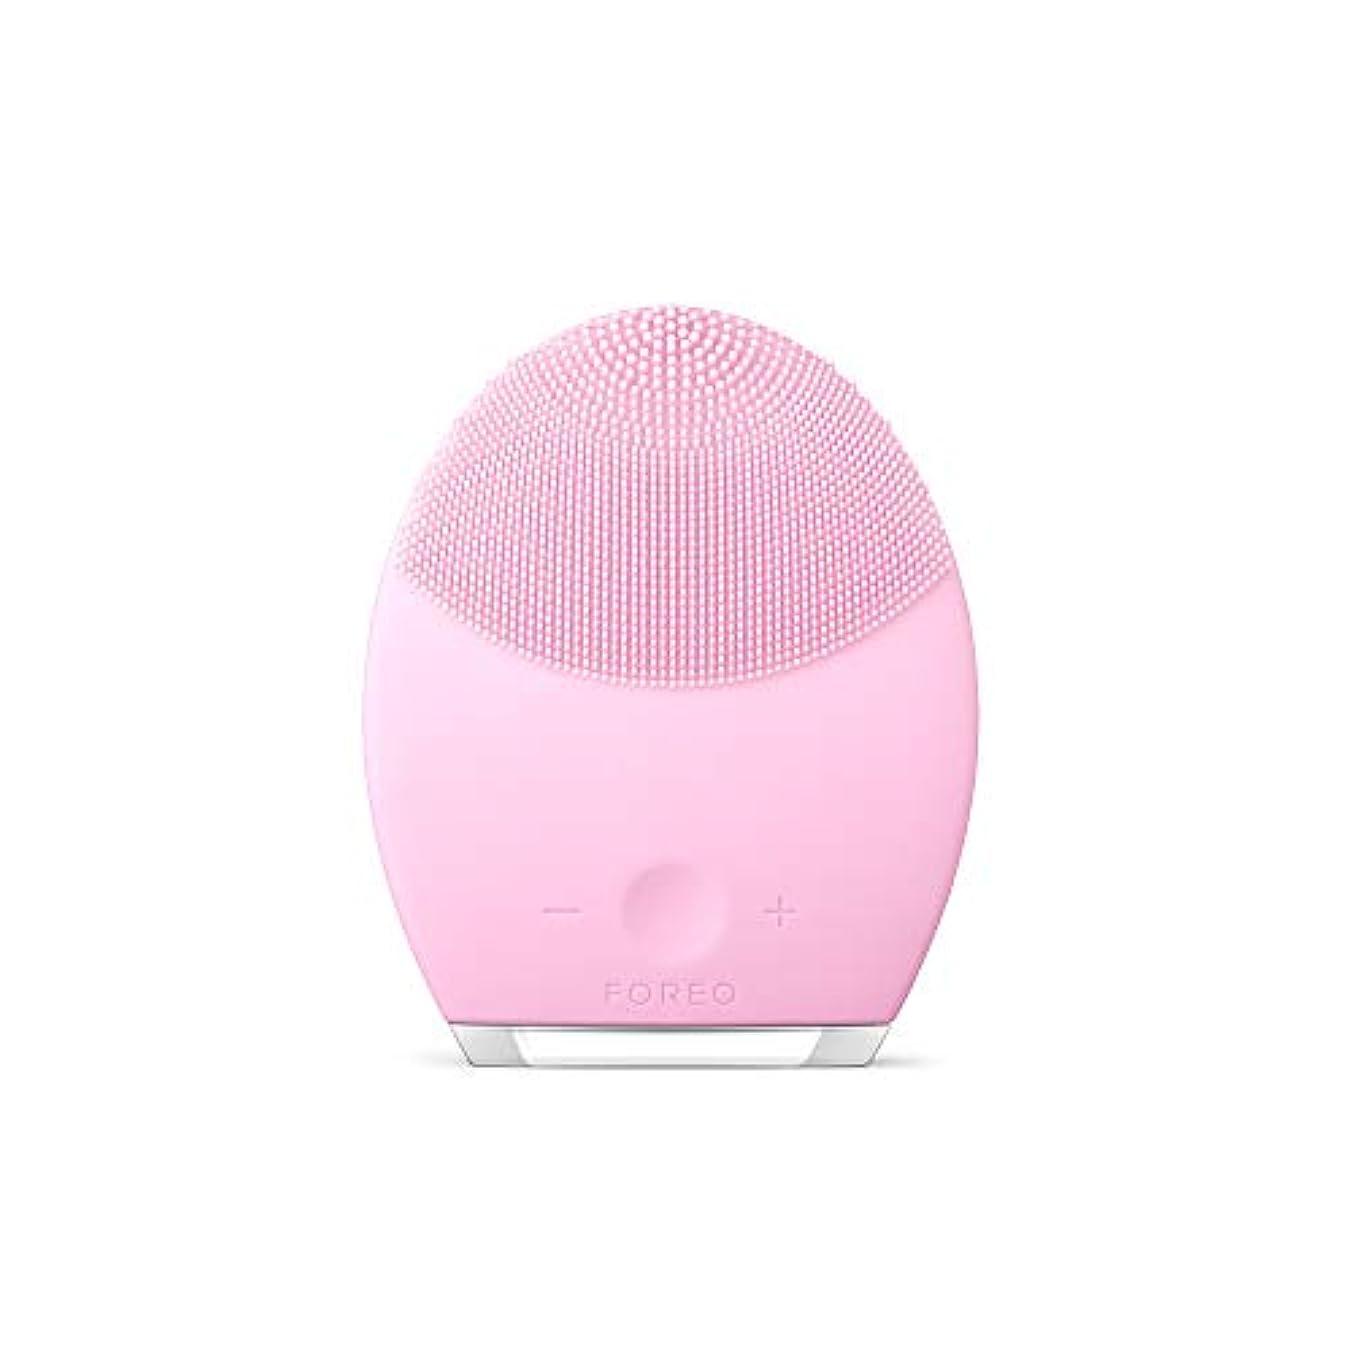 下向き付き添い人踏み台FOREO LUNA 2 for ノーマルスキン 電動洗顔ブラシ シリコーン製 音波振動